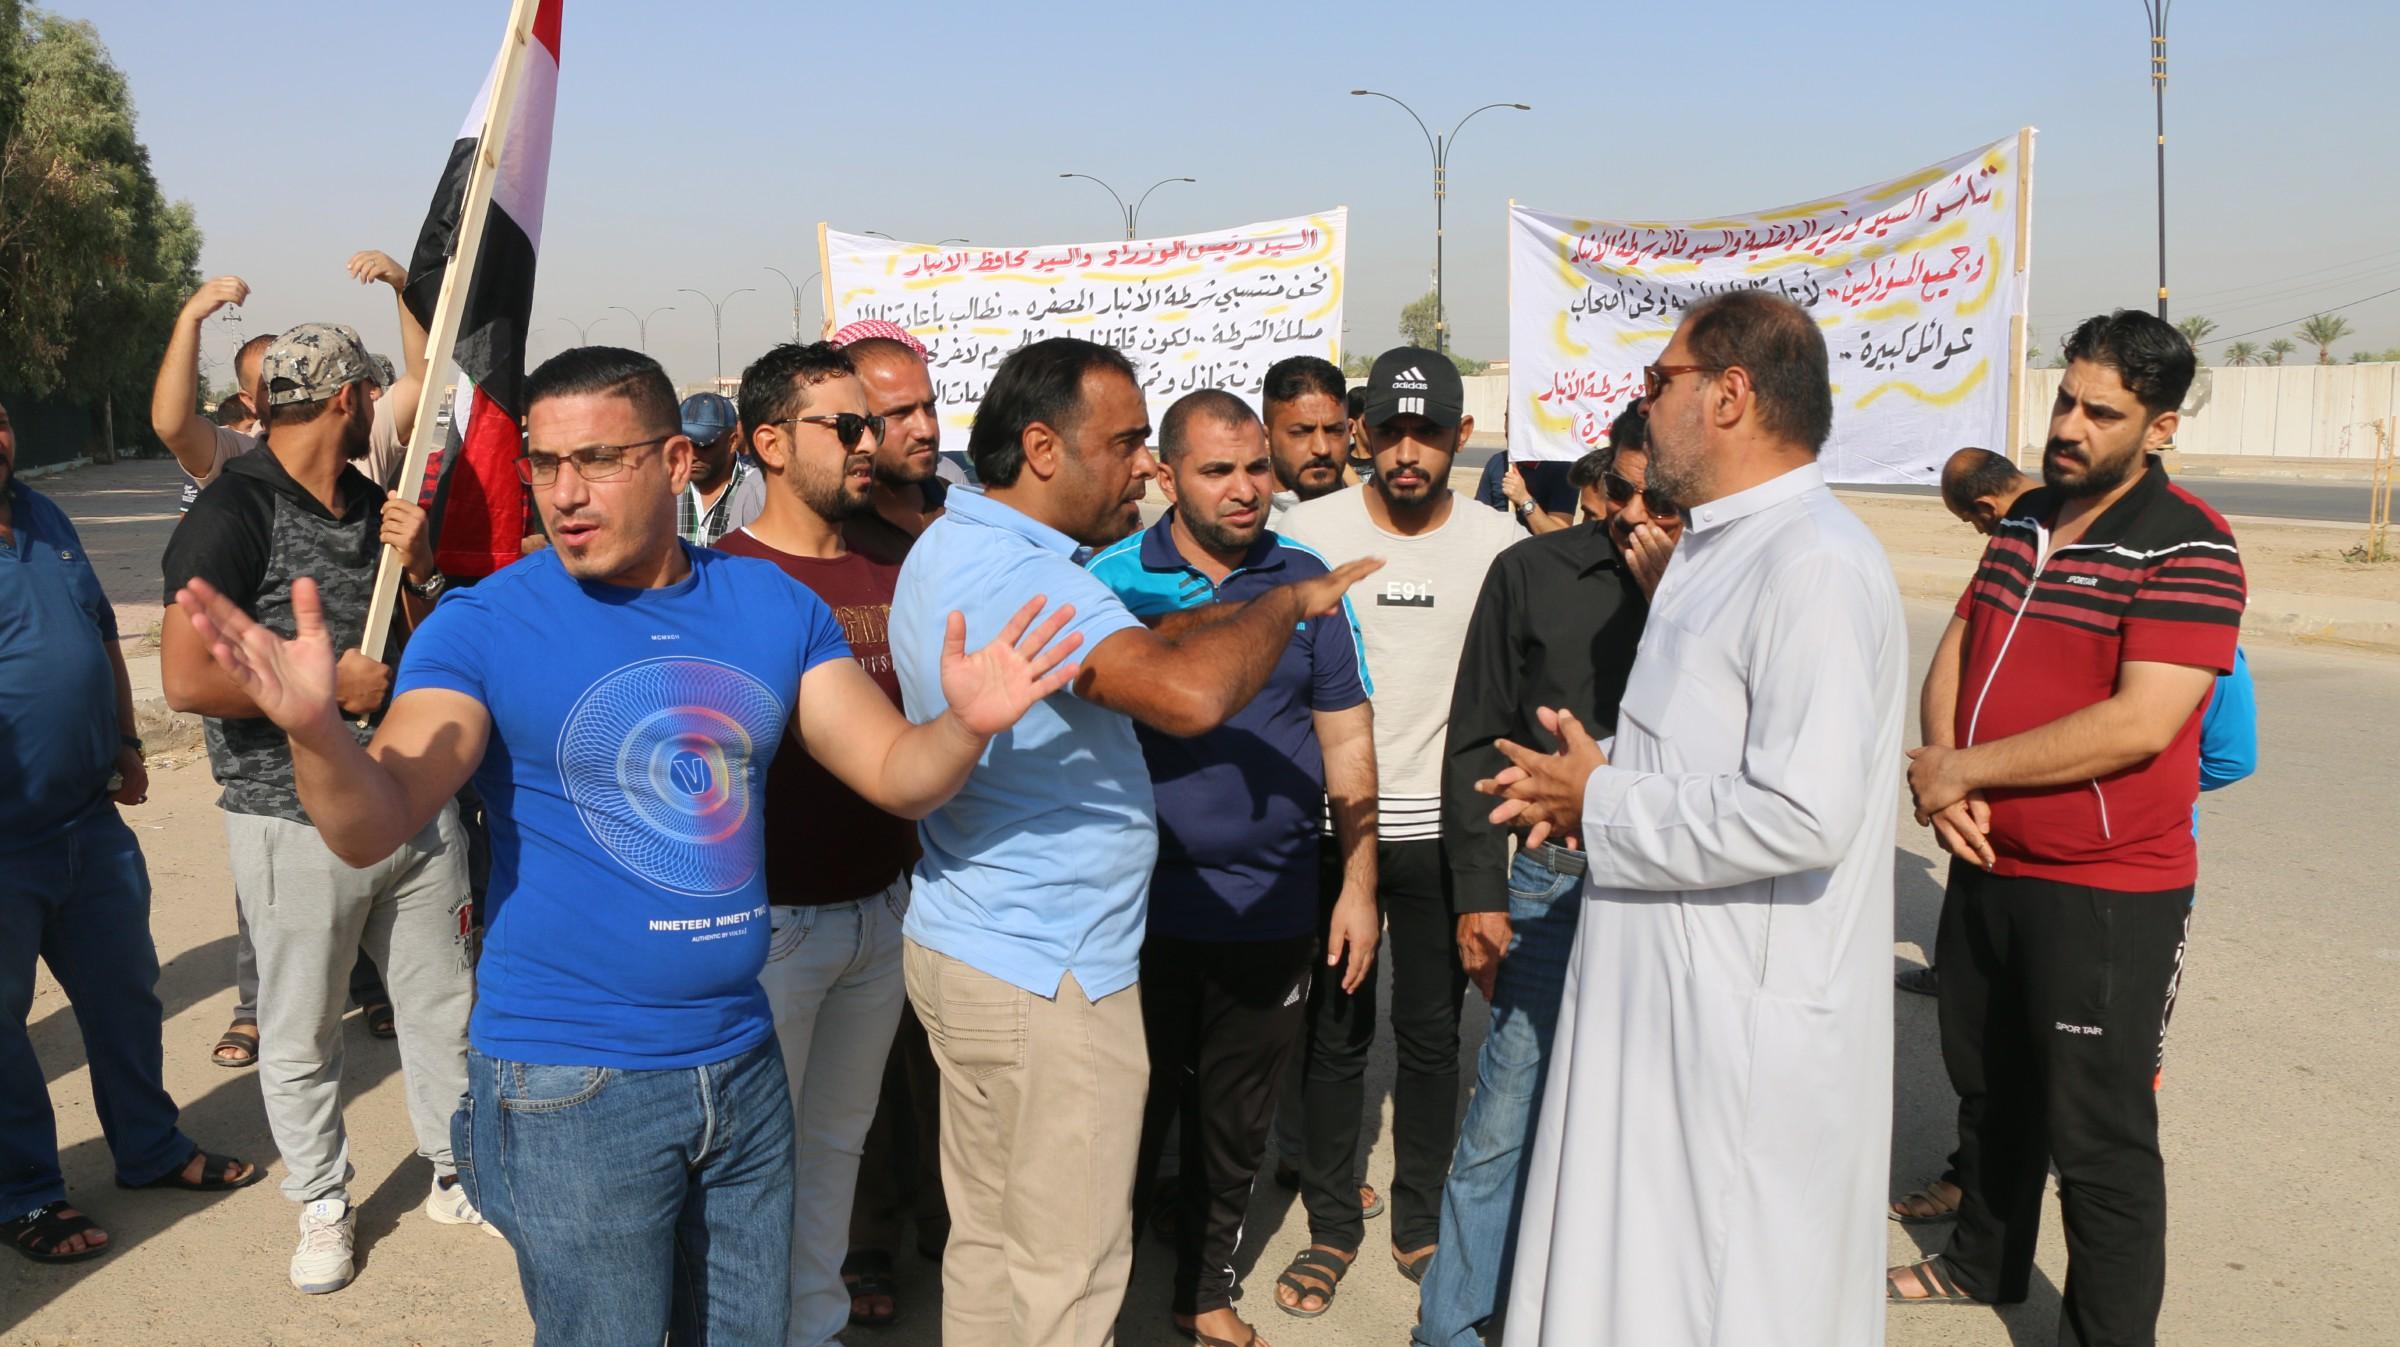 العشرات من منتسبي شرطة الانبار المصفرة رواتبهم ينظمون وقفة للمطالبة باعادتهم للخدمة